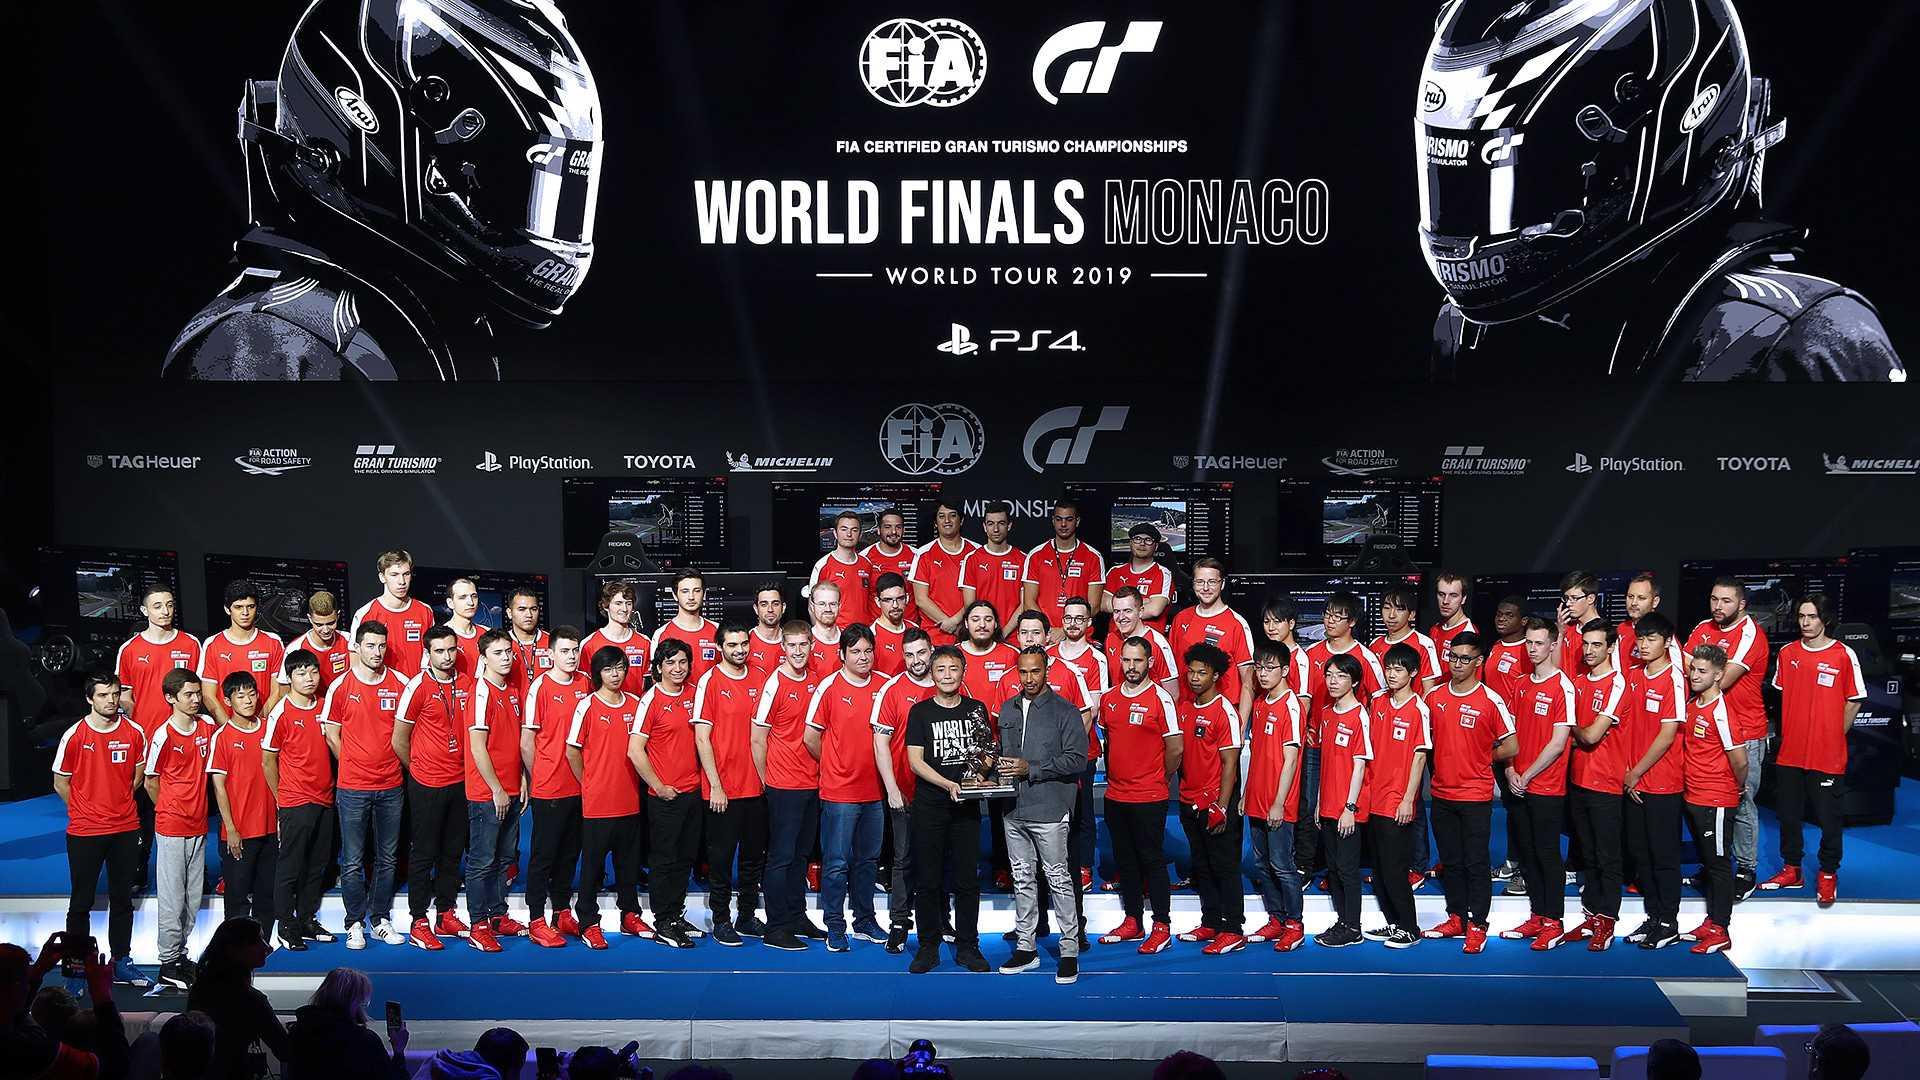 FIA Certified Gran Turismo Championships 2021 - 2019